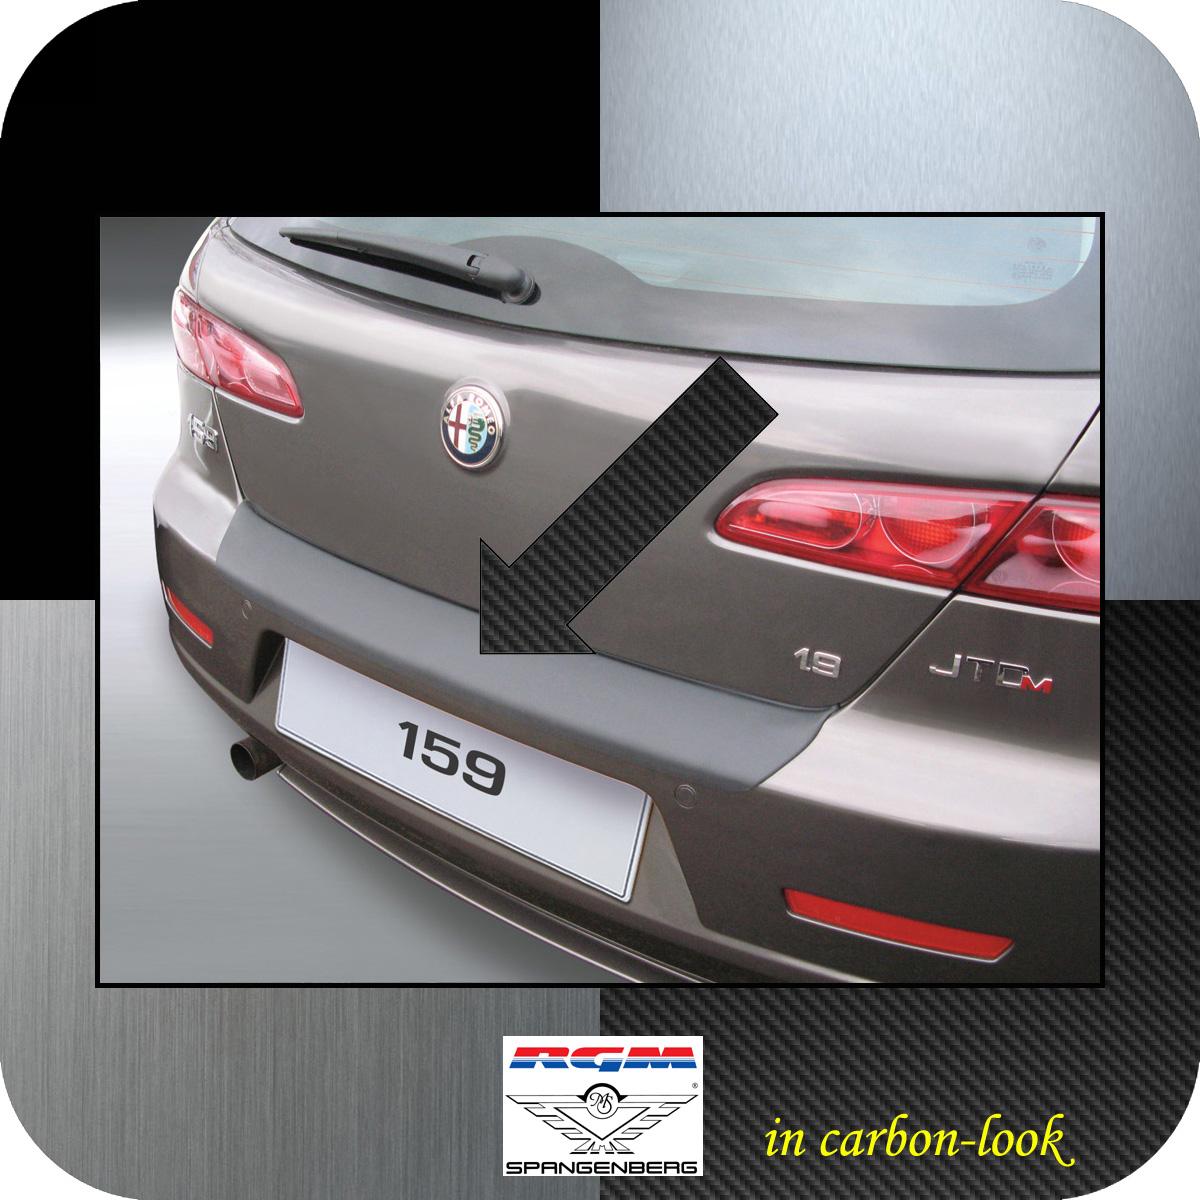 Ladekantenschutz Carbon-Look Alfa Romeo 159 Sportwagon Kombi 2006-2011 3509499